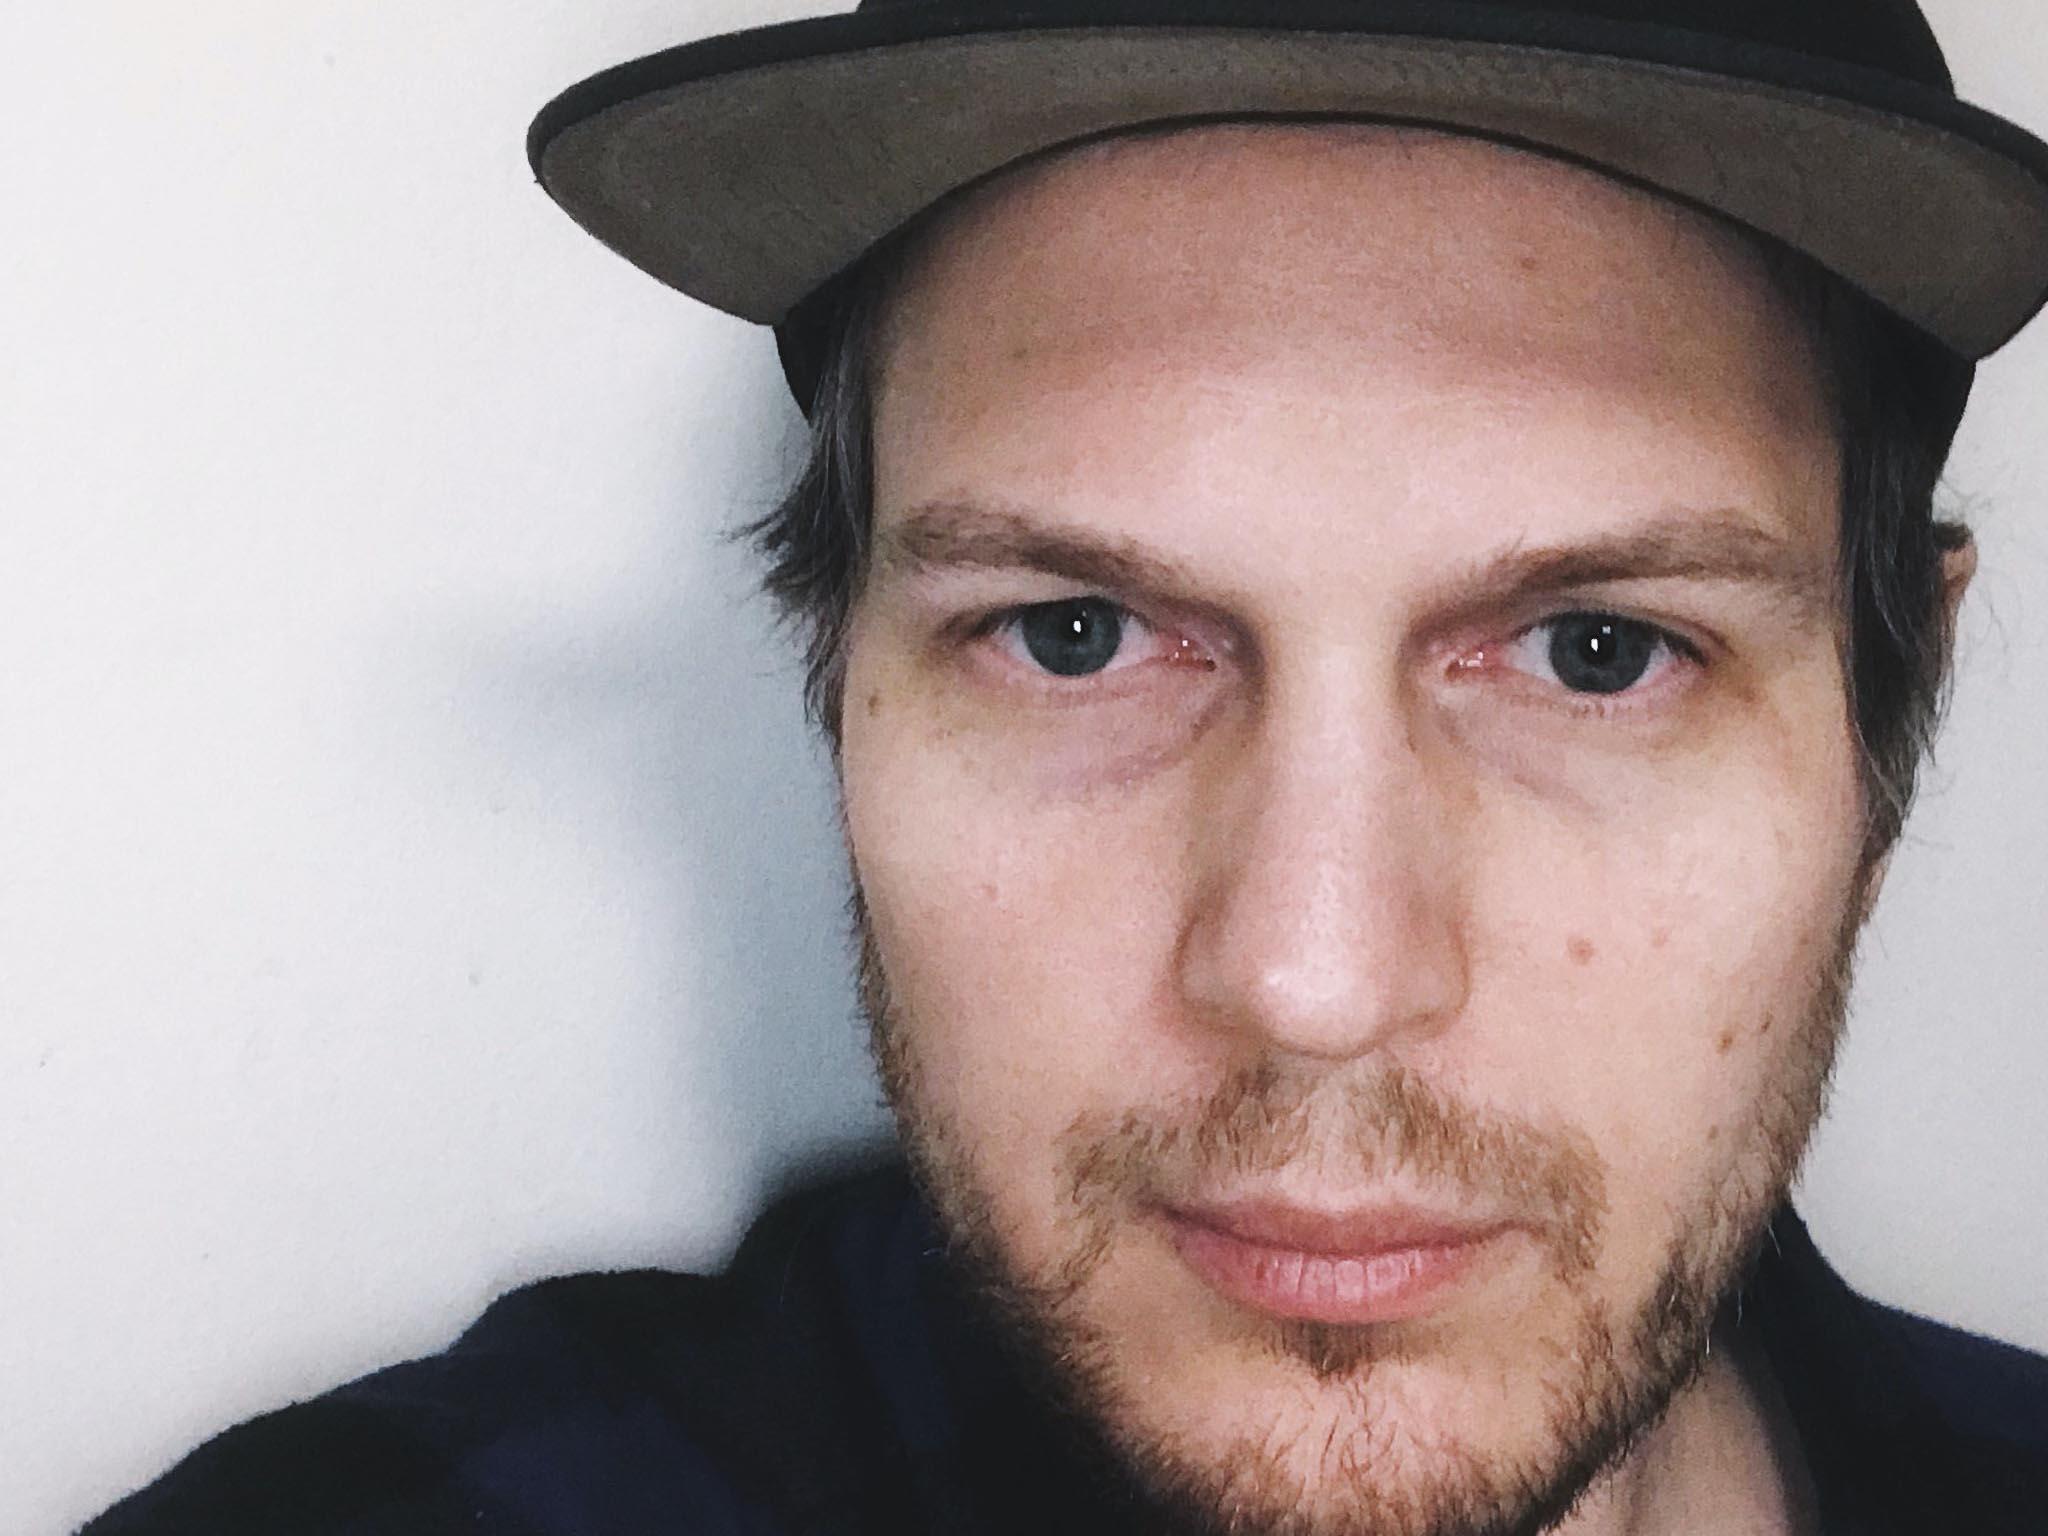 Alex Pettersson